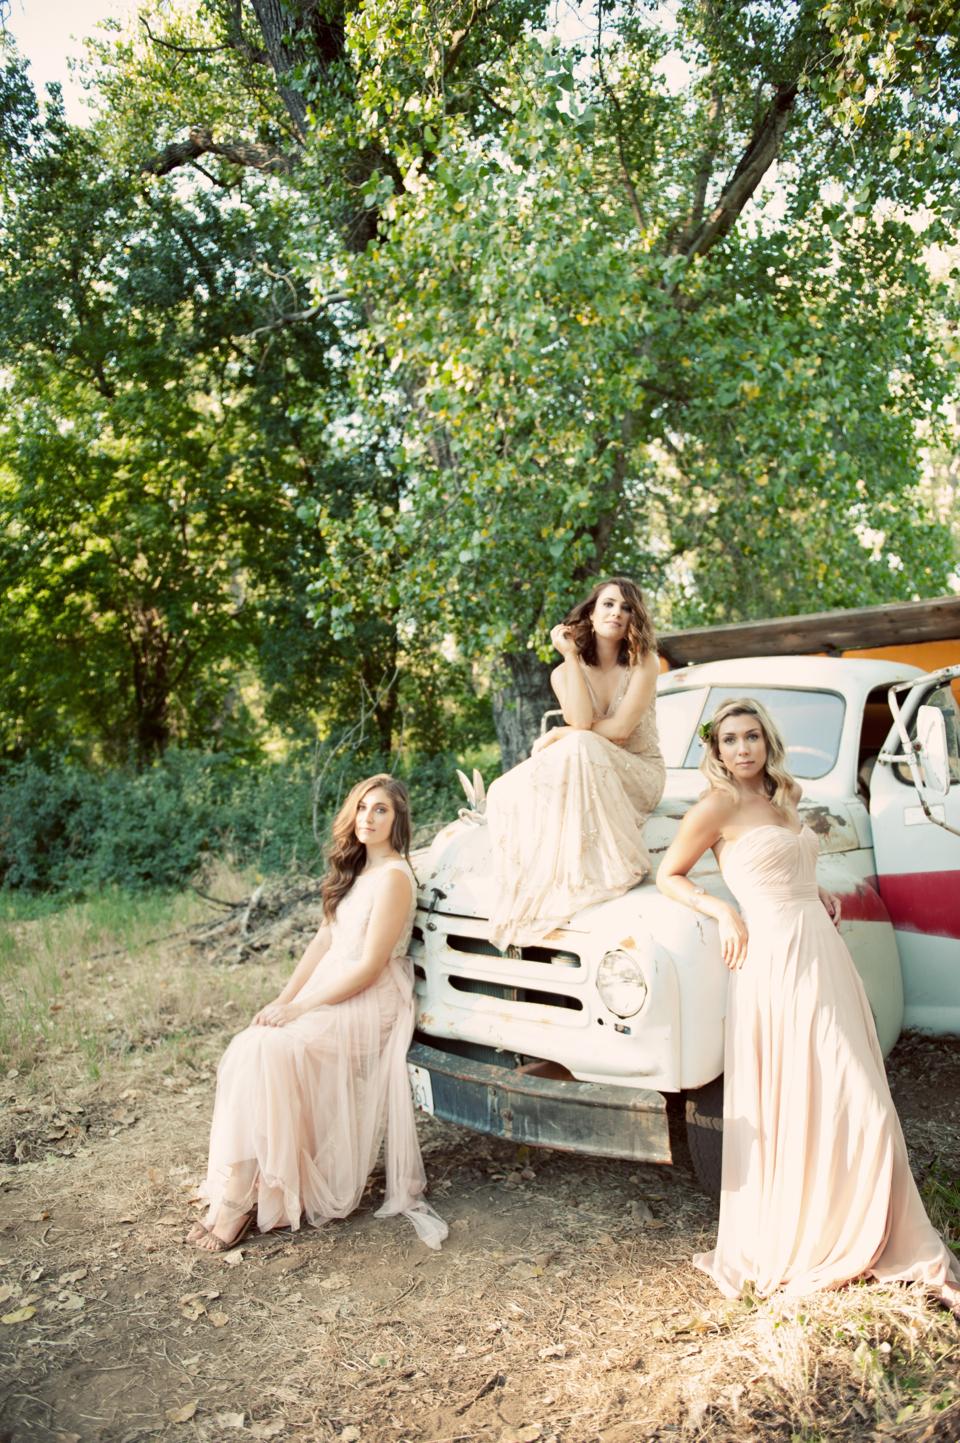 citnb-bhldn-bridesmaid-dresses-nude-08